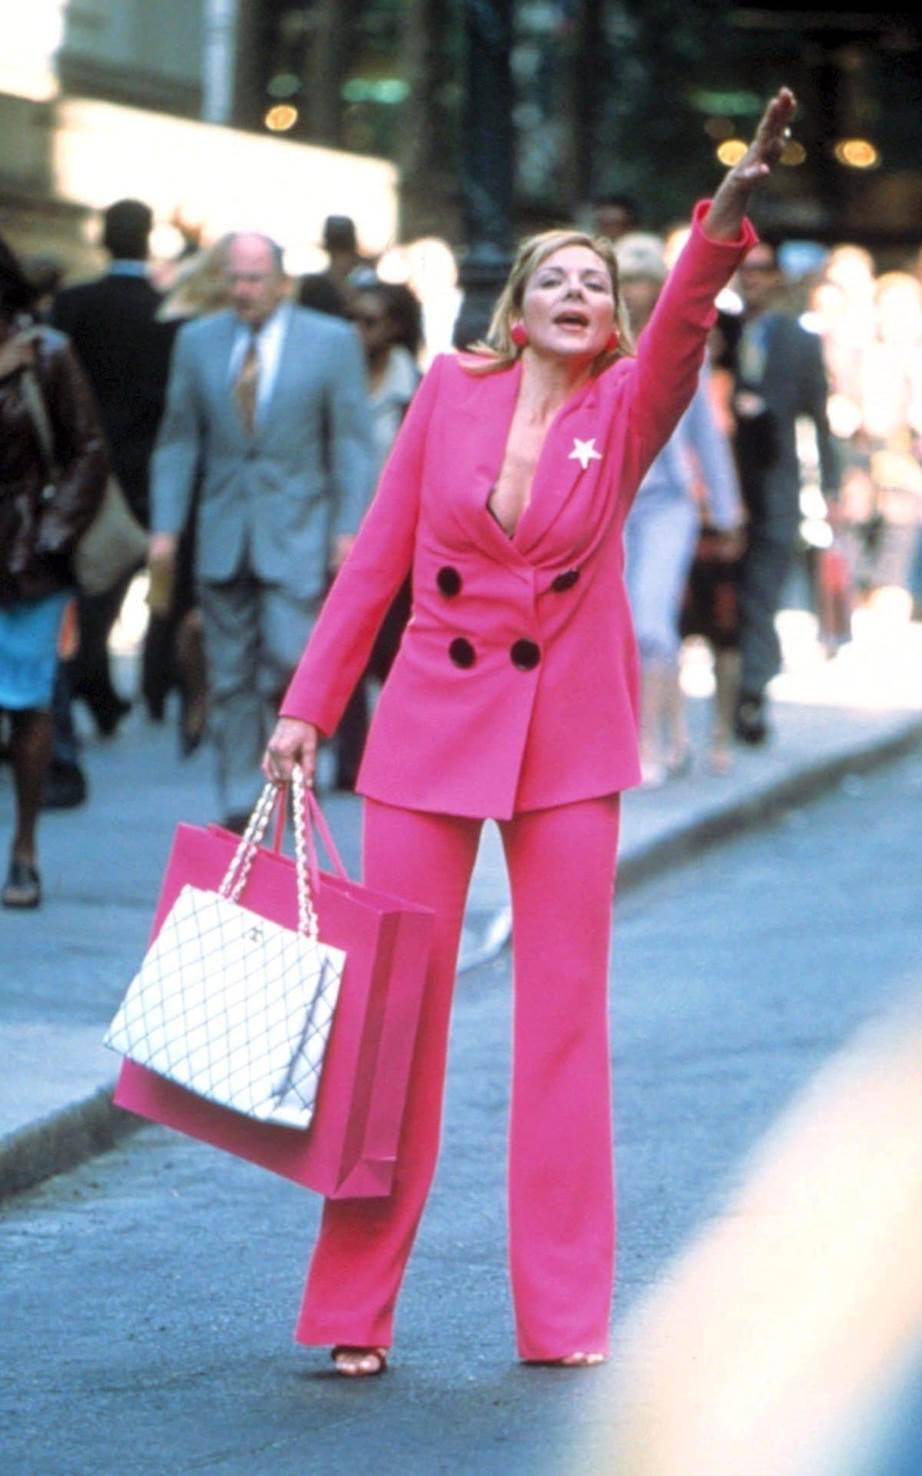 6 φορές που αναρωτήθηκες ποιο είναι το brand πίσω από ένα look σε ταινίες και η απάντηση ήταν Chanel